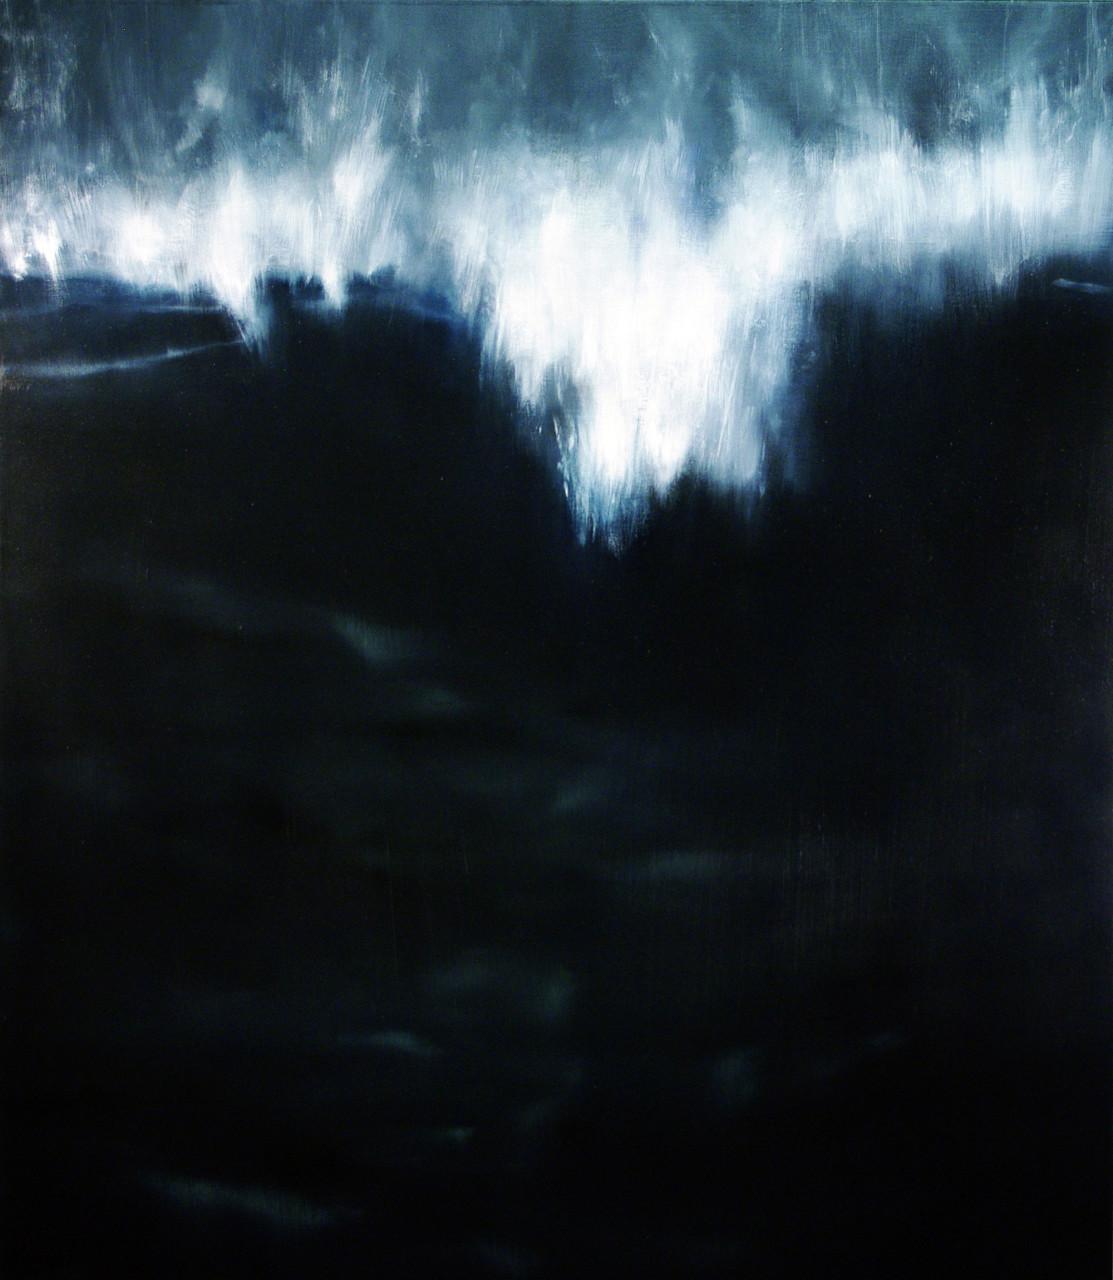 La grande onda, 2014, olio su tela 145x135 cm